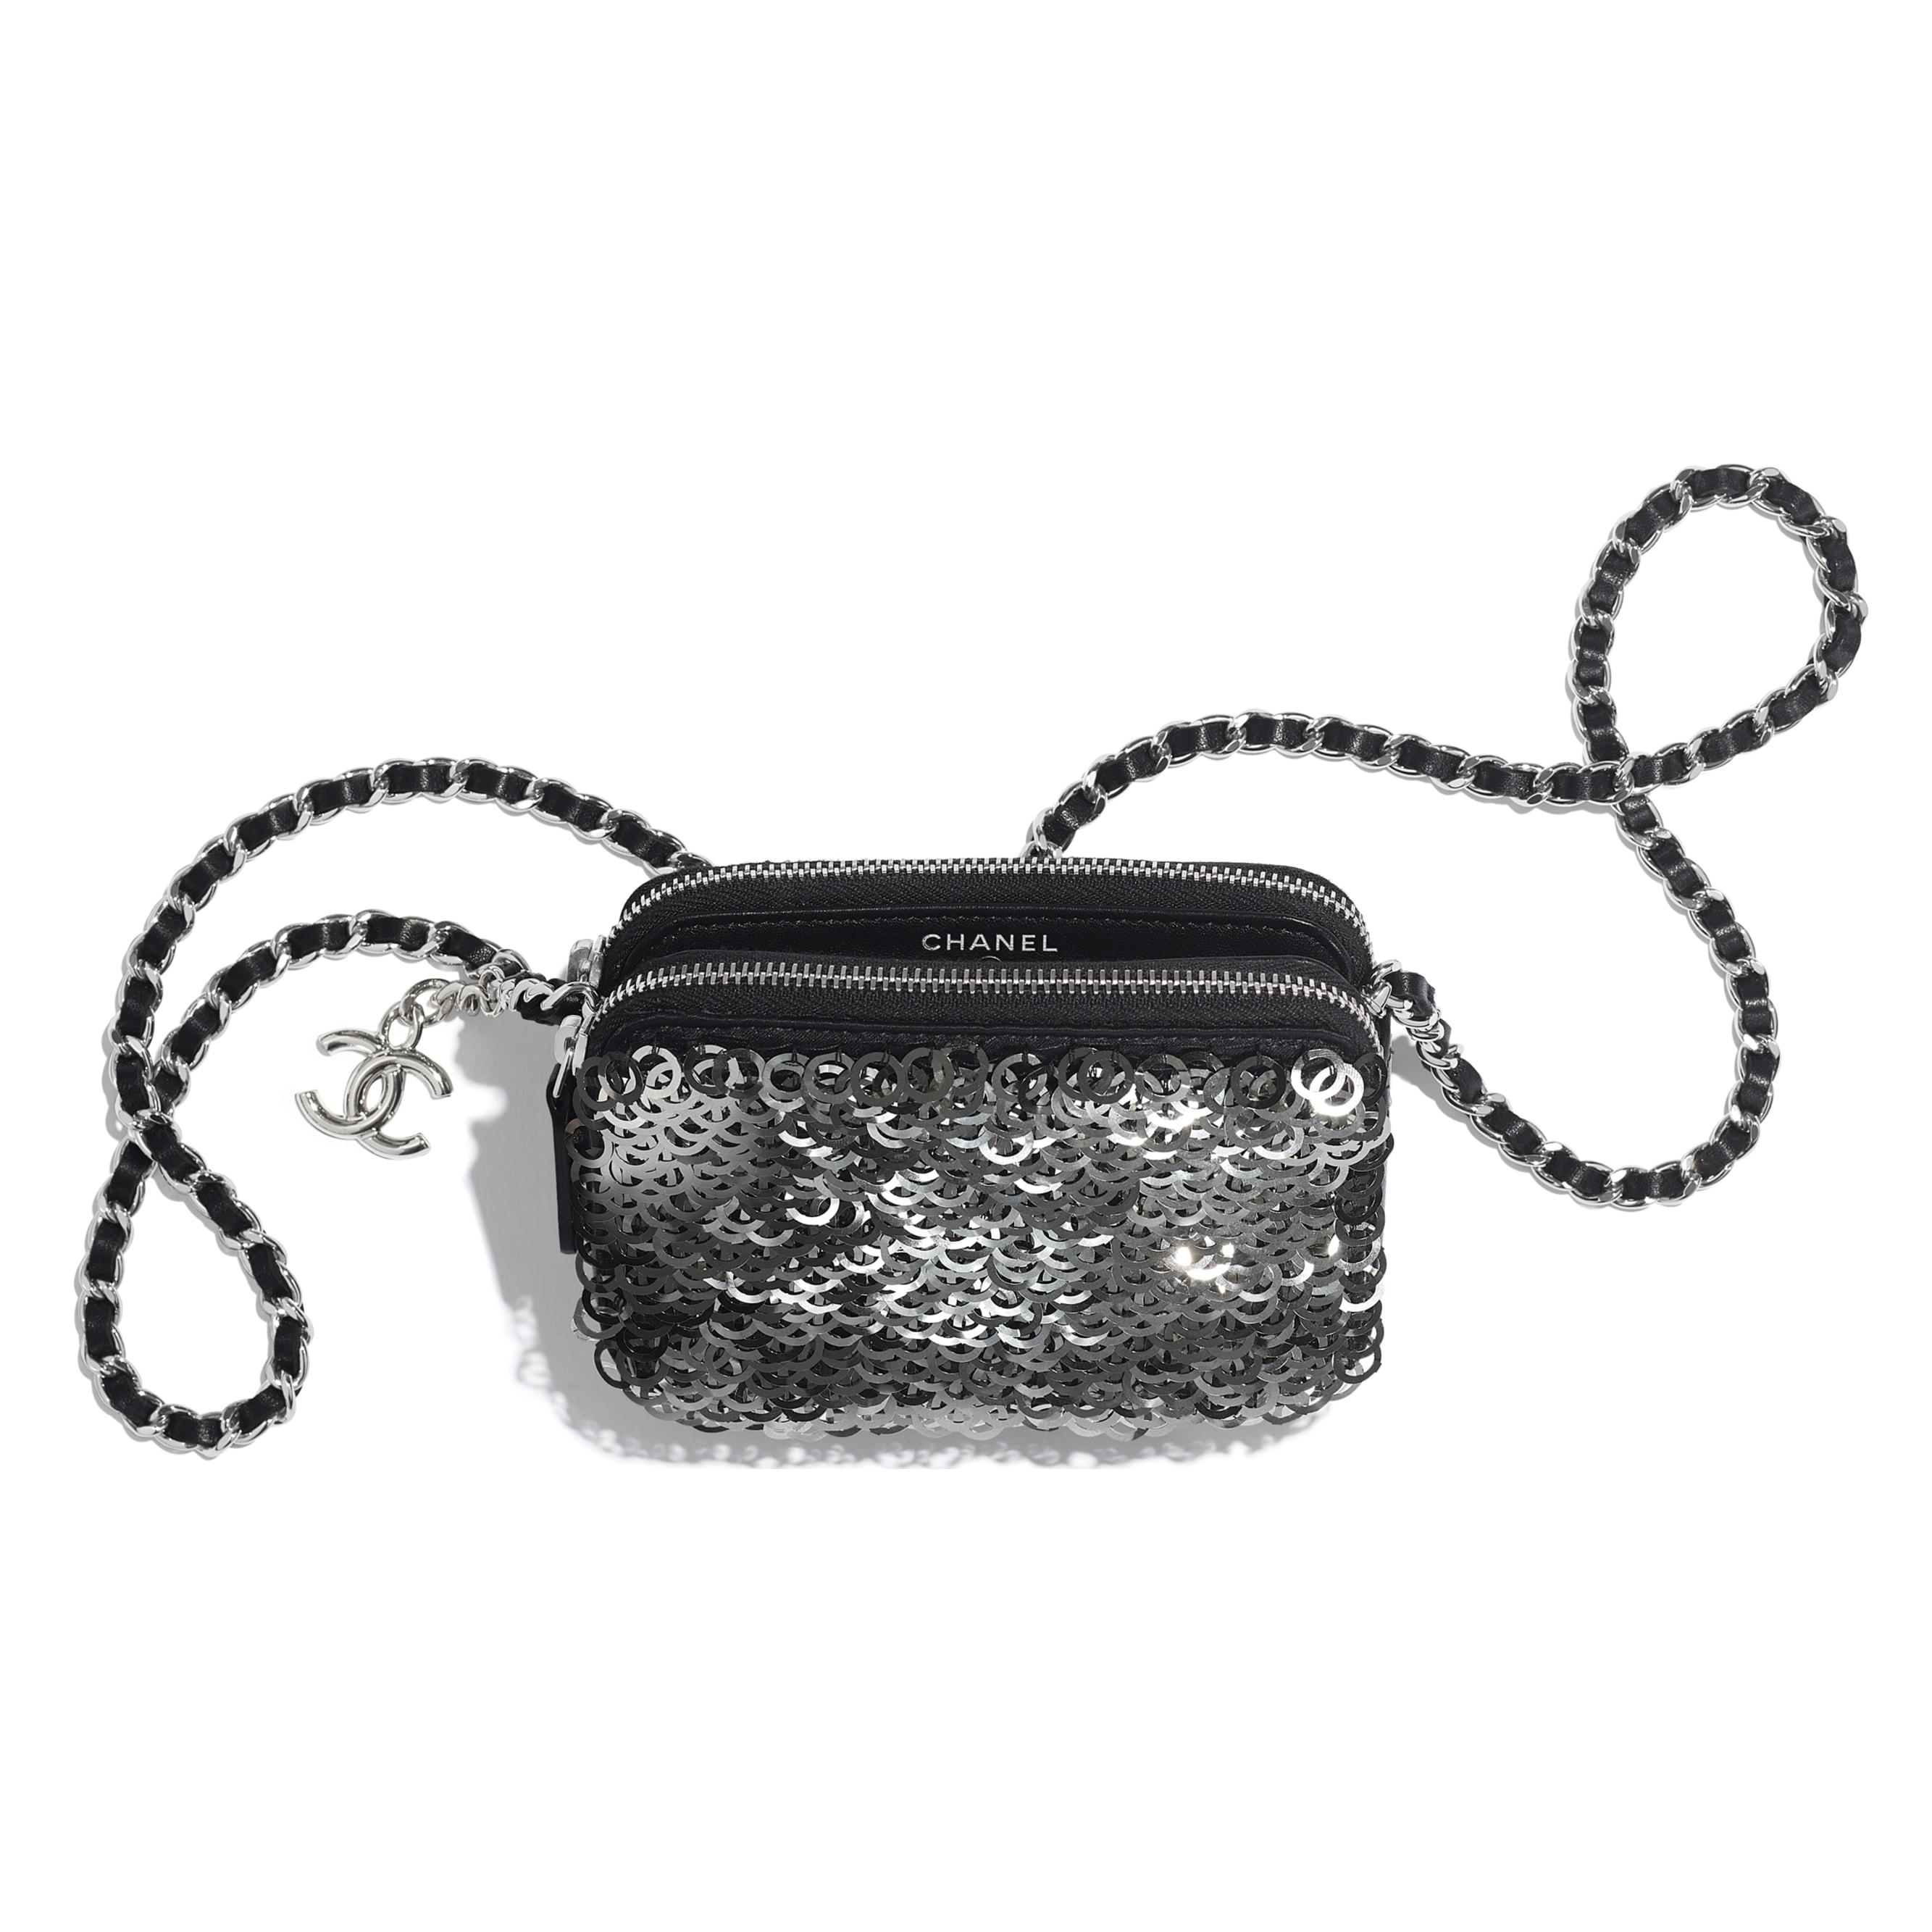 กระเป๋าคลัทช์พร้อมสายโซ่ - สีดำ สีเงิน และสีขาว - หนังแกะ ปักเลื่อม และประดับโลหะสีเงิน - มุมมองอื่น - ดูเวอร์ชันขนาดมาตรฐาน